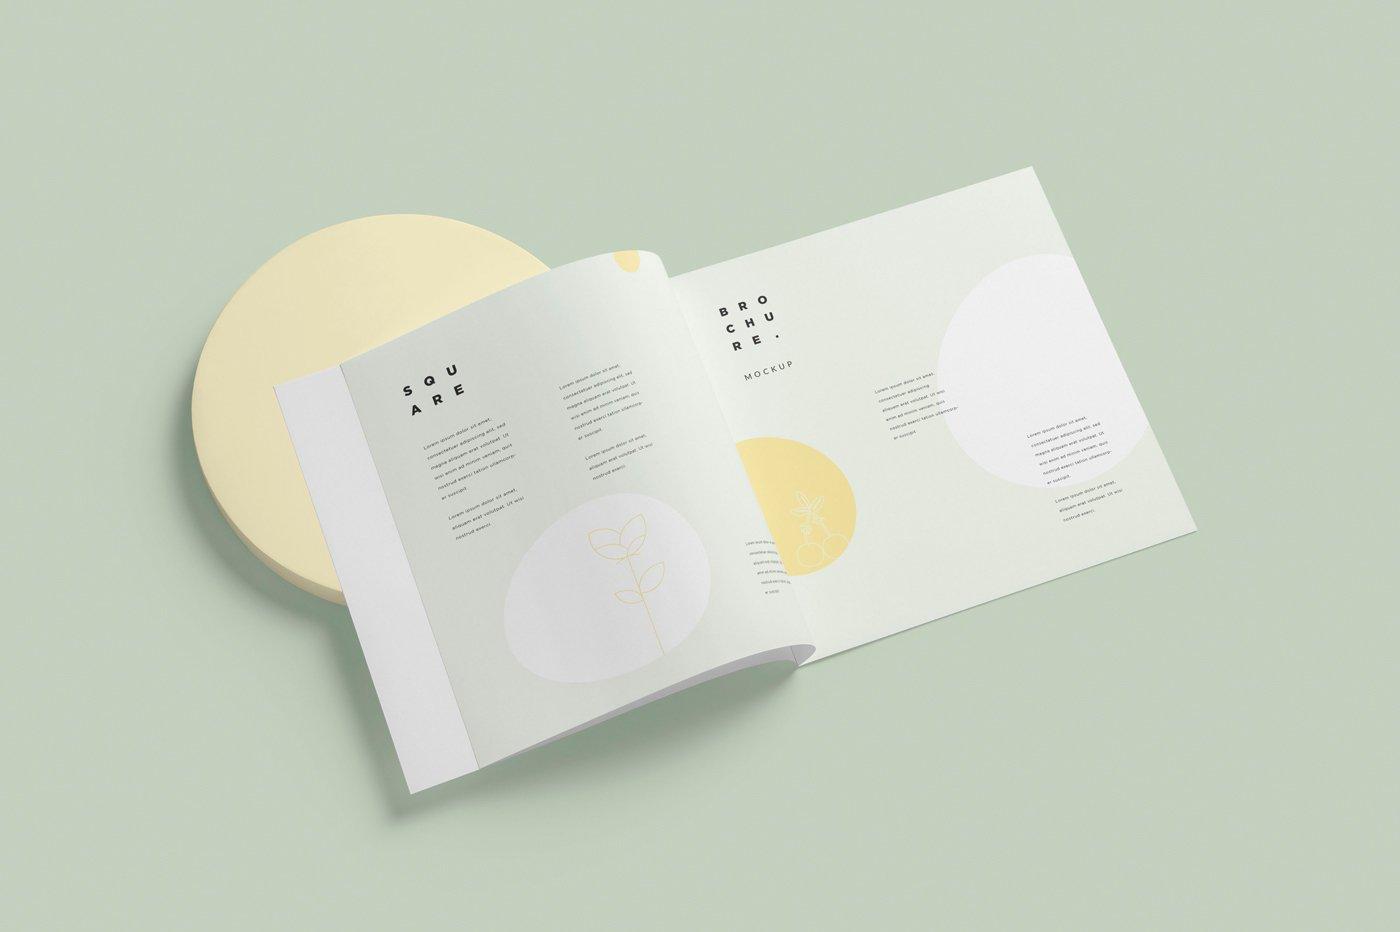 软封面方形小册子设计展示样机 Soft Cover Square Brochure Mockups插图(1)